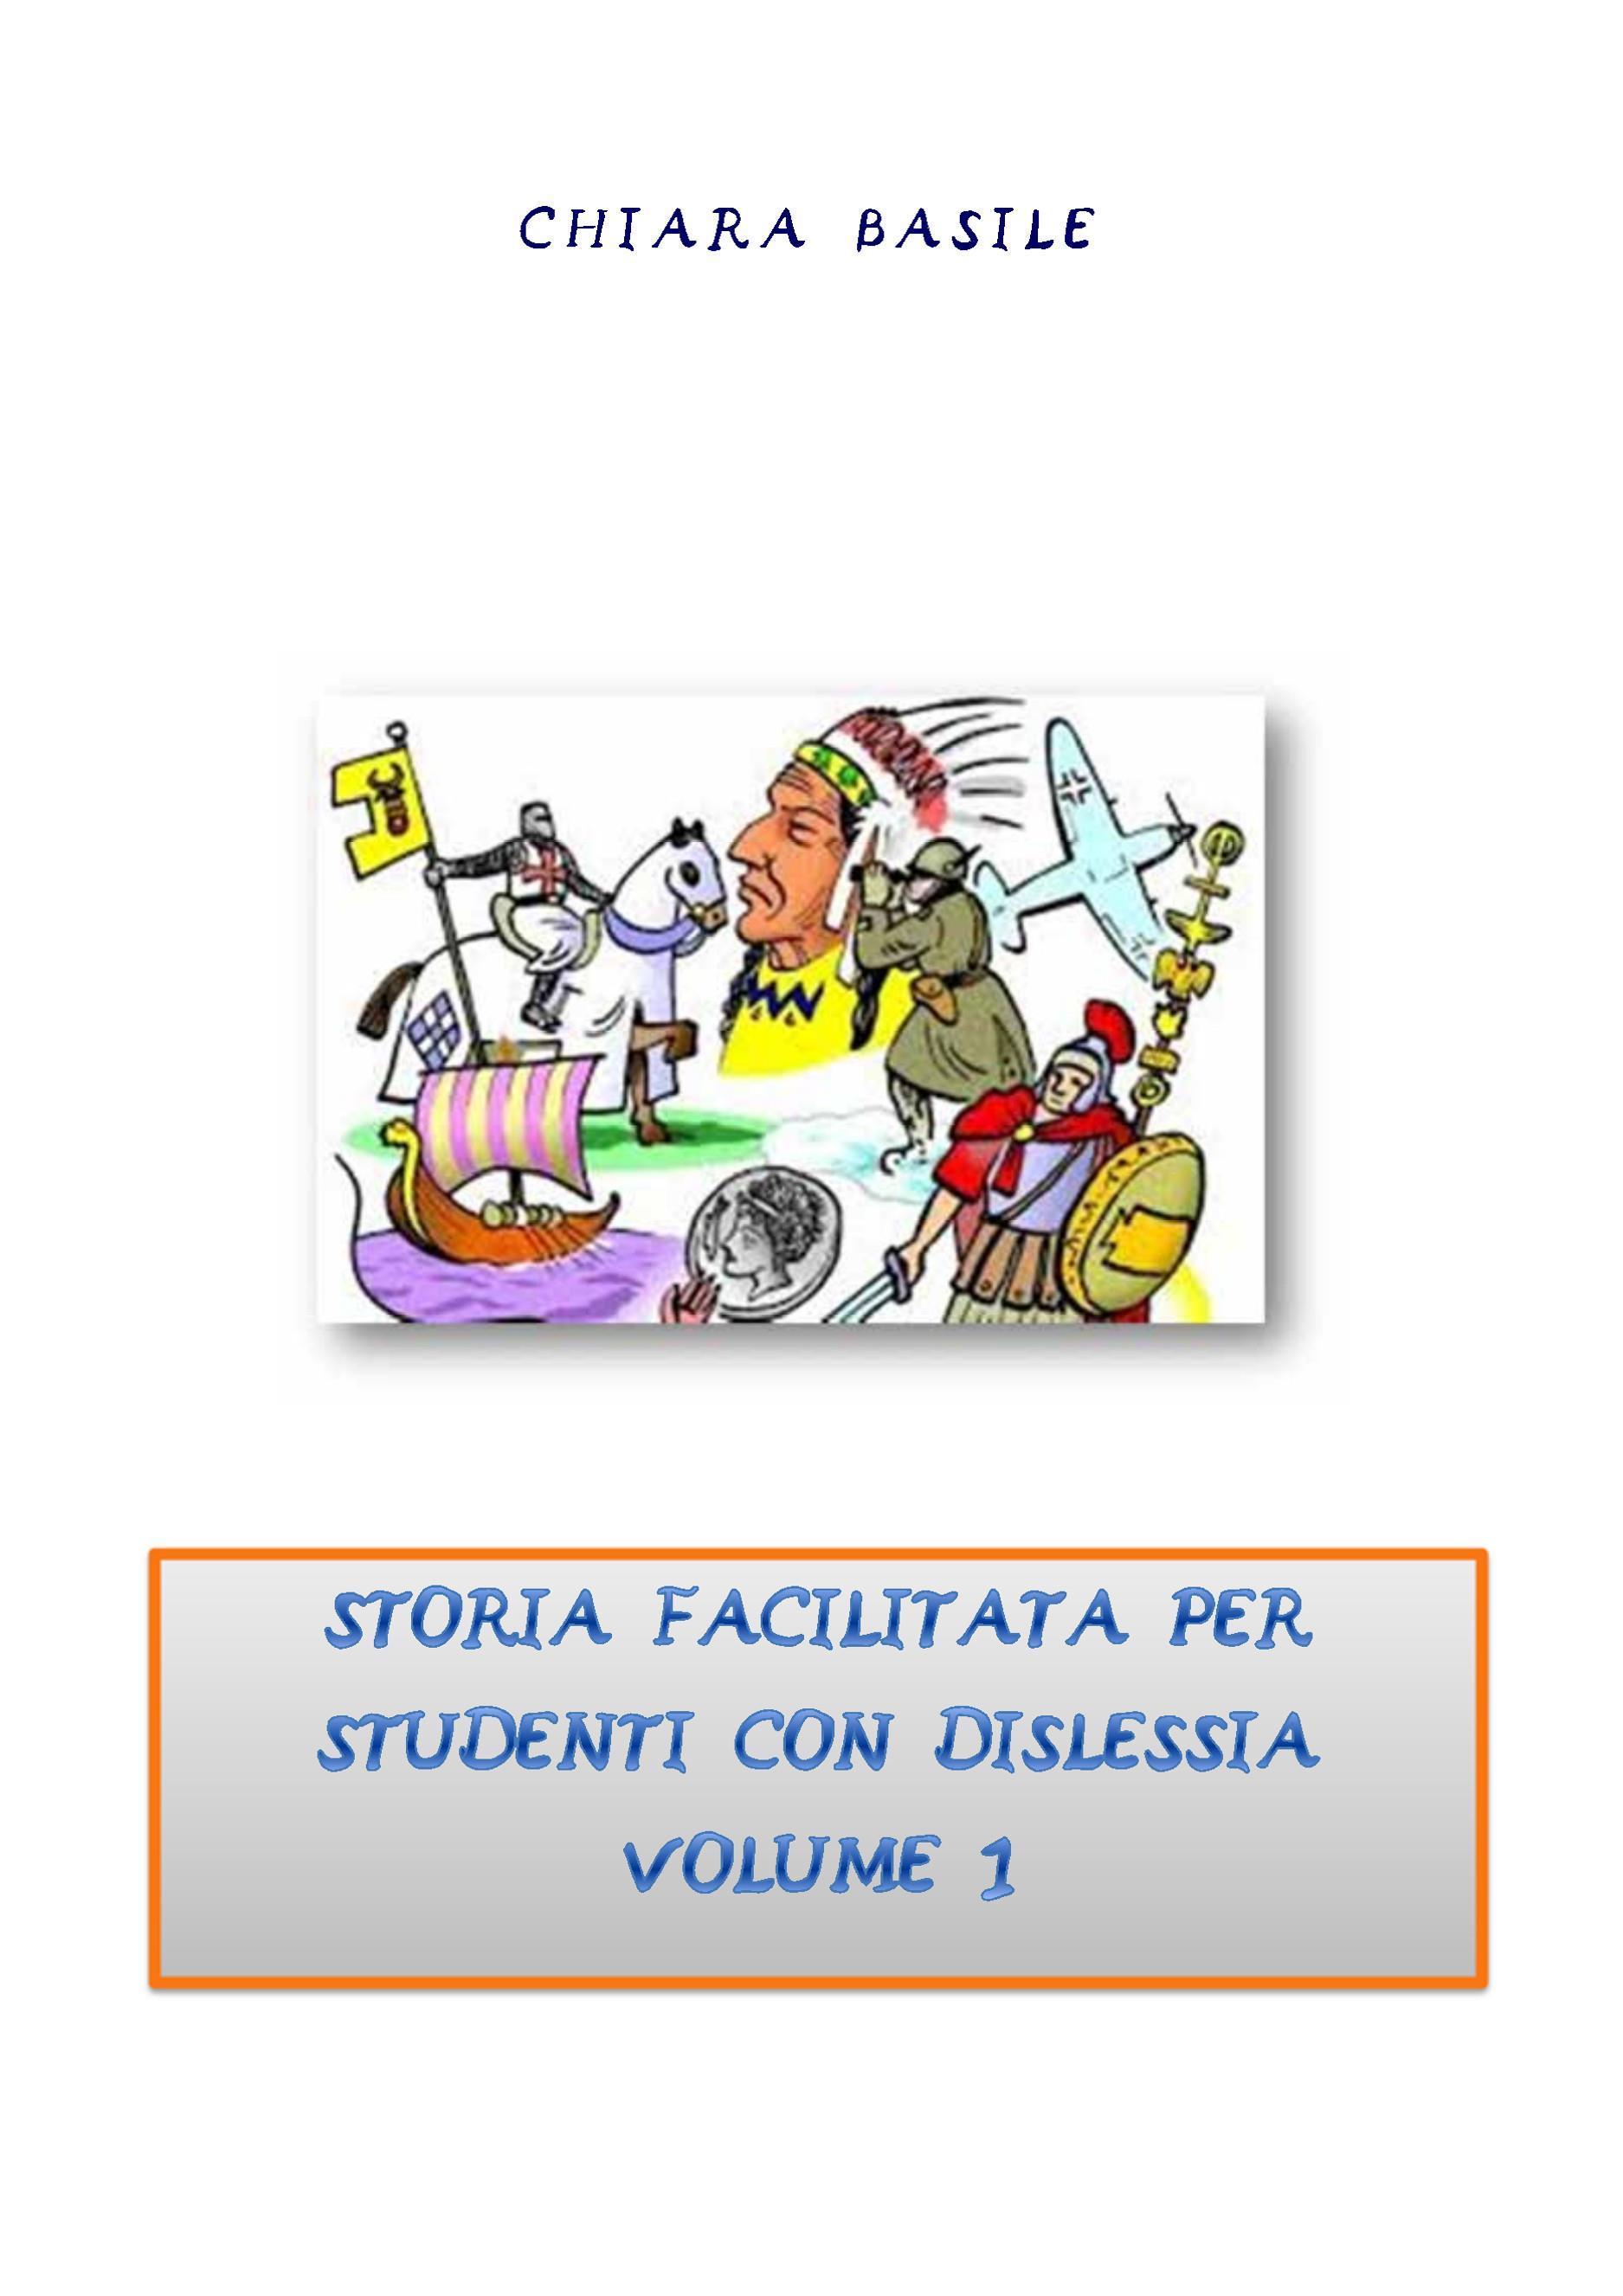 Storia facilitata per studenti con dislessia. Volume 1